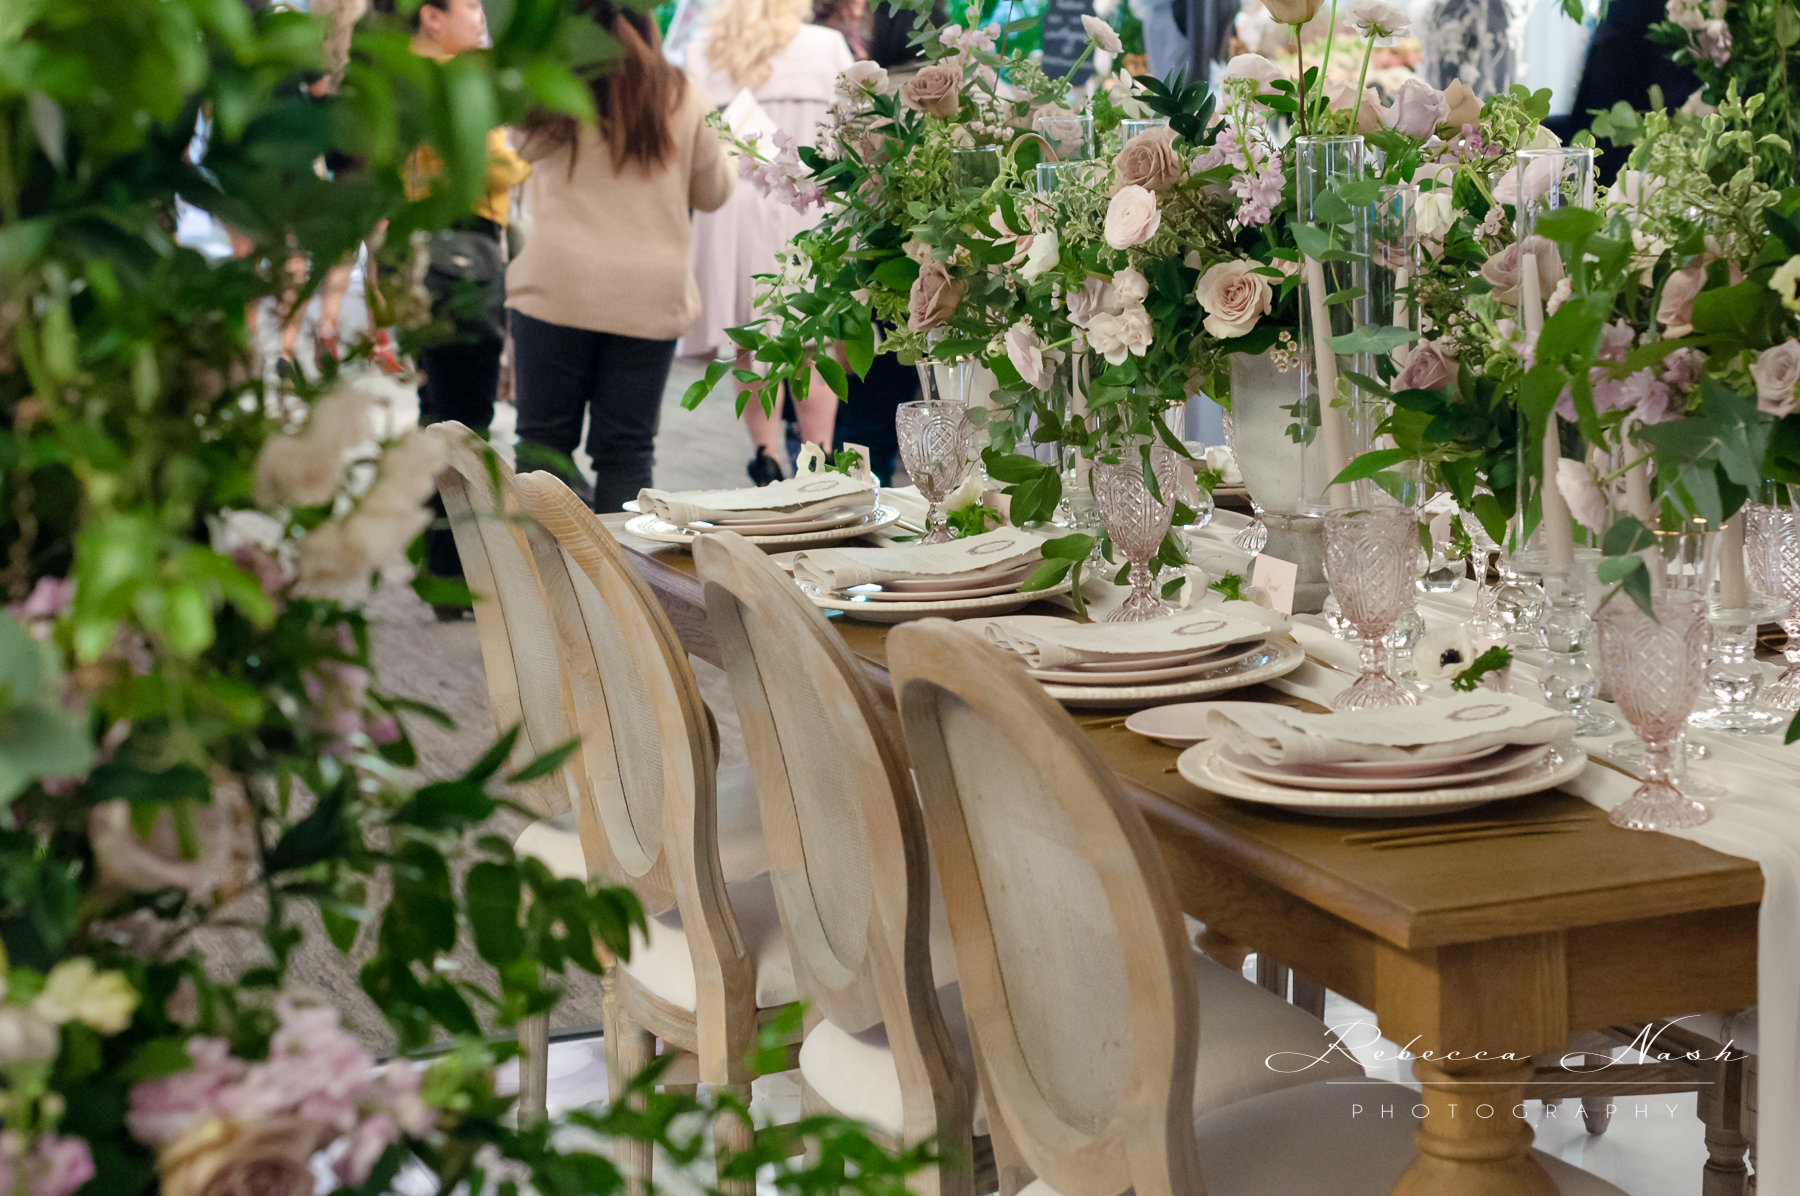 Wedluxe Industry Night - London Wedding Photographer  Rebecca Nash Photography (5 of 79).jpg